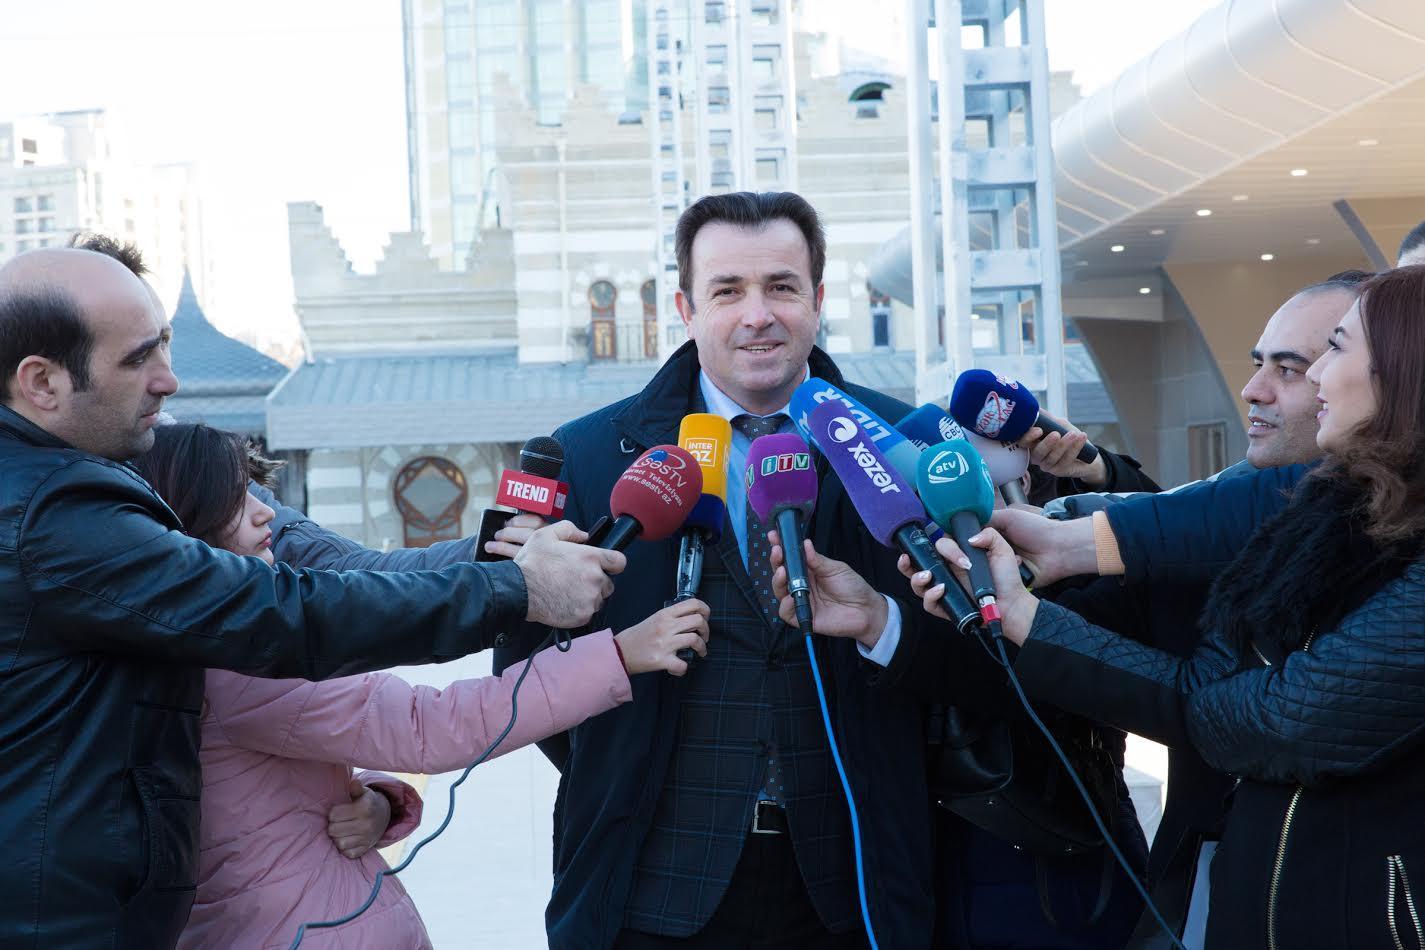 Стало известно имя миллионного пассажира, воспользовавшегося услугами электропоезда Баку-Сумгайыт-Баку